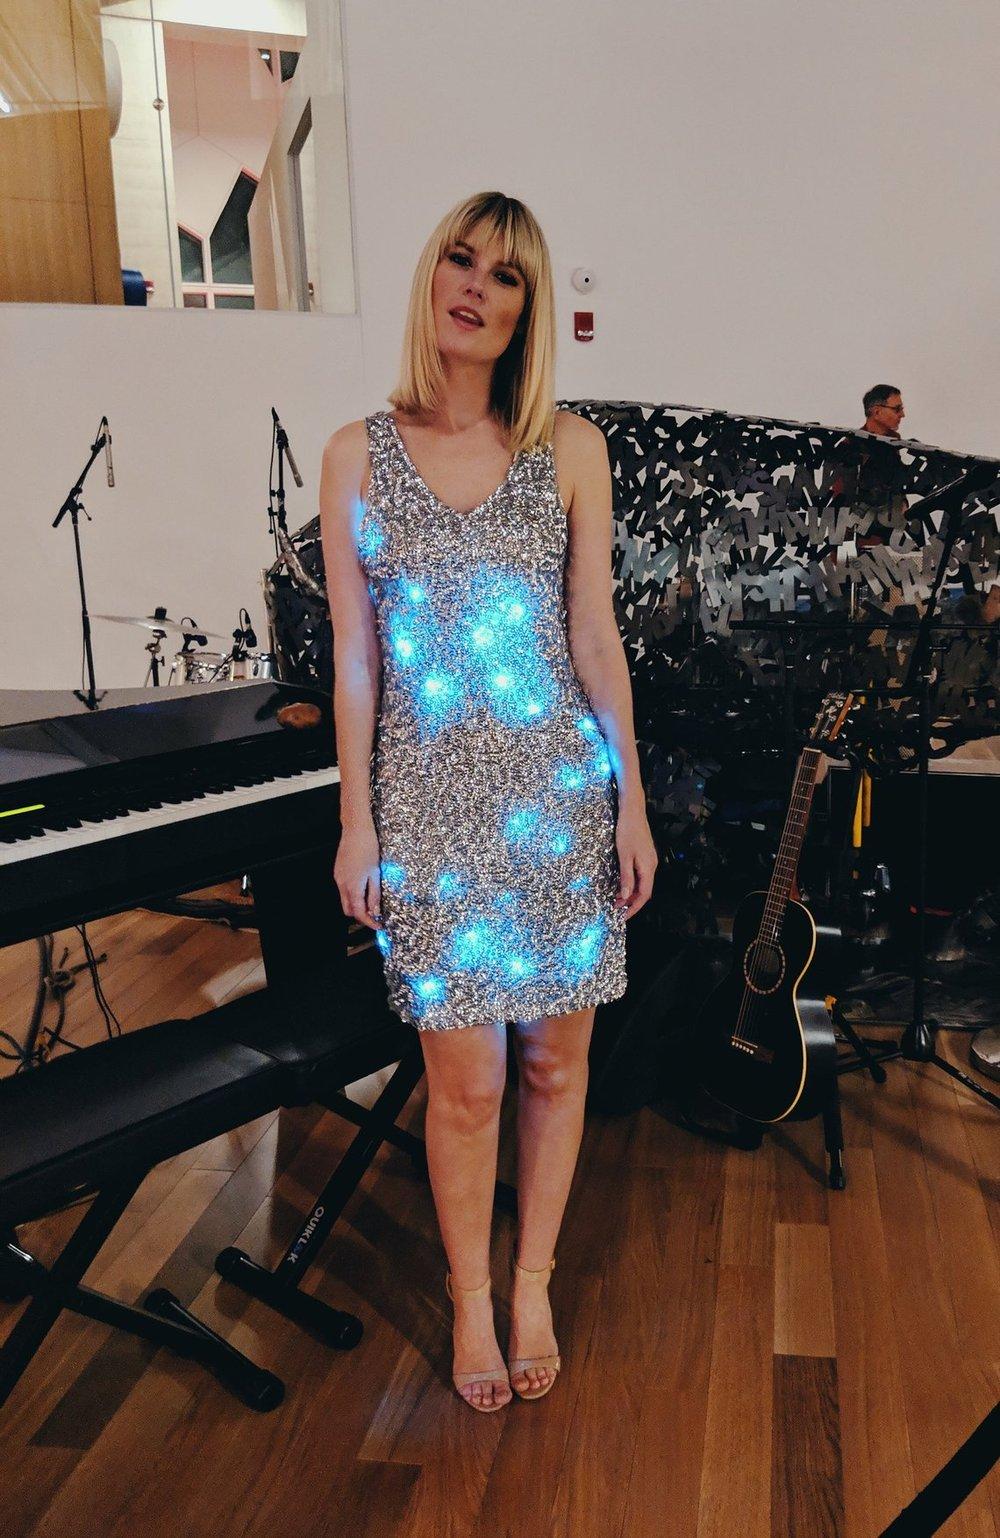 Image of Light Up Dress: Short Sequin Illuminated LED Dress